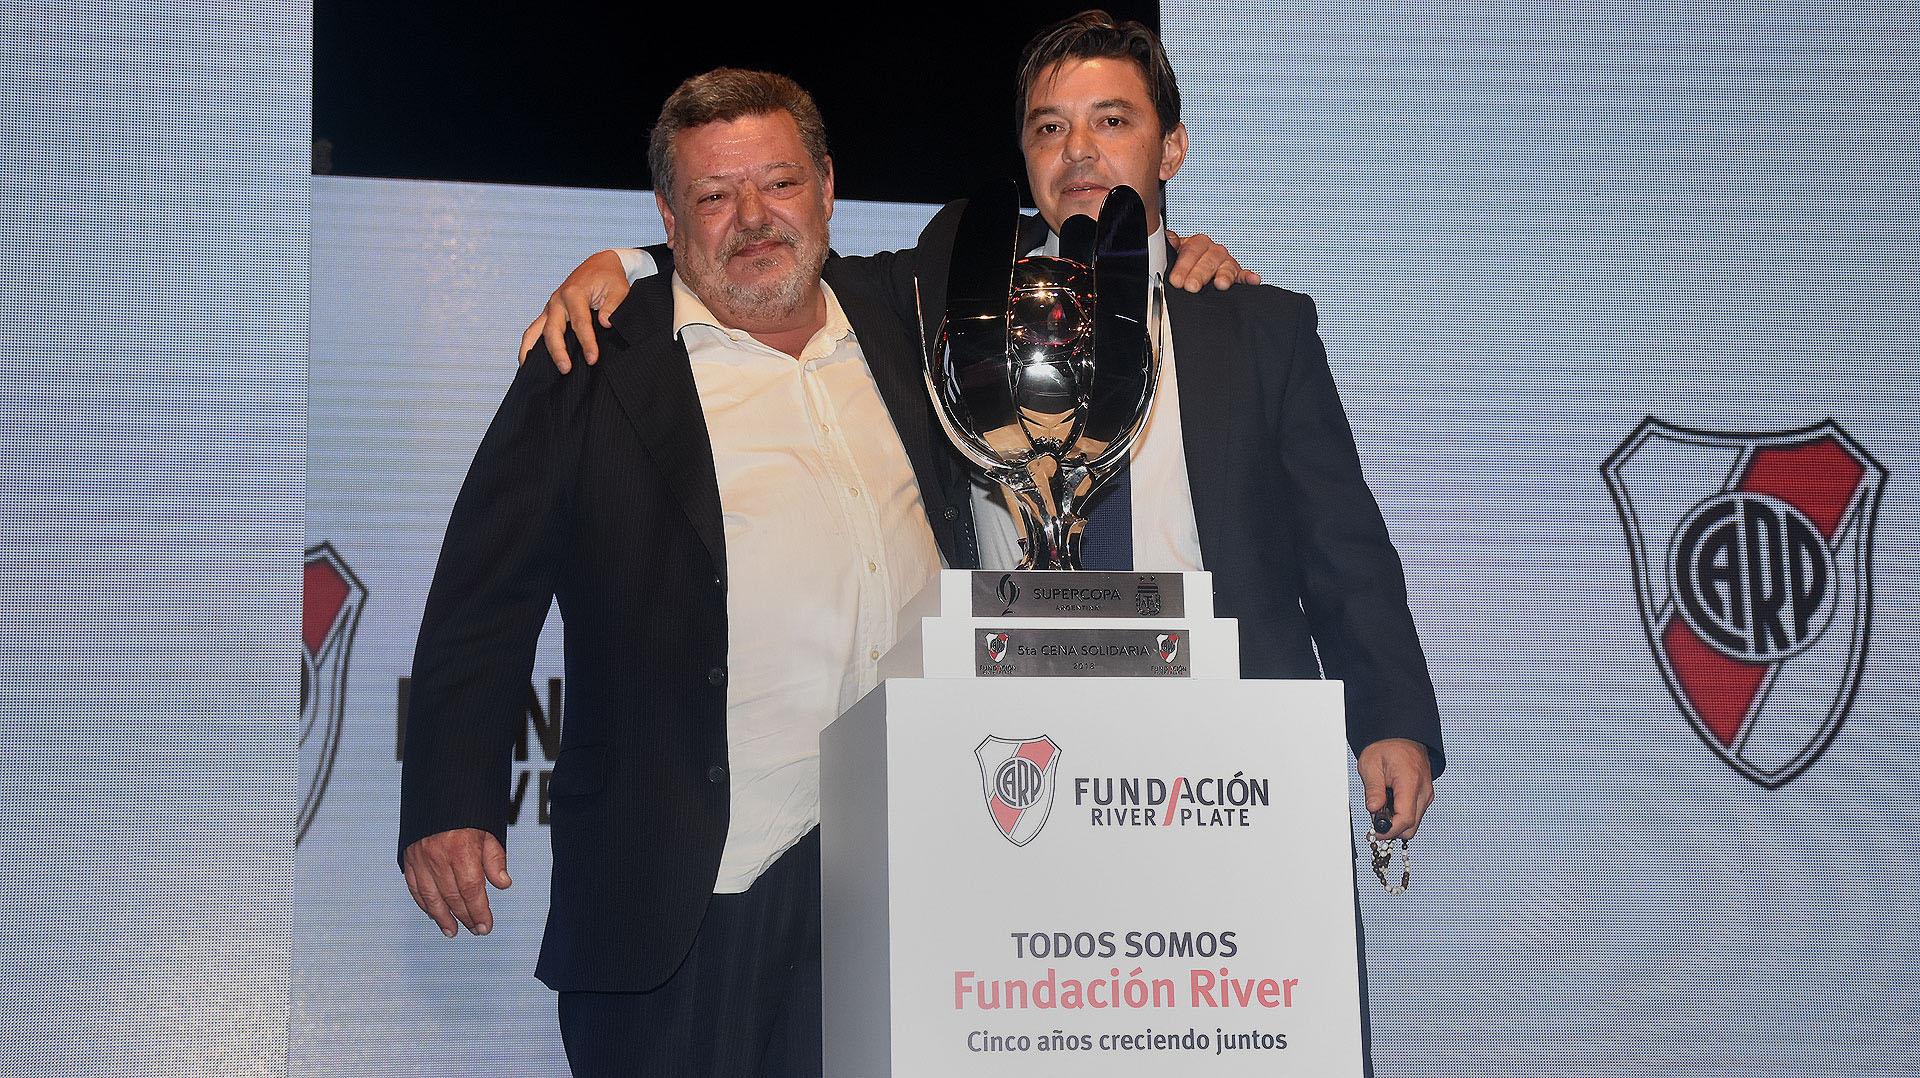 La subasta de la Supercopa -que River le ganó a Boca el 14 de marzo- se remató en 3 millones de pesos